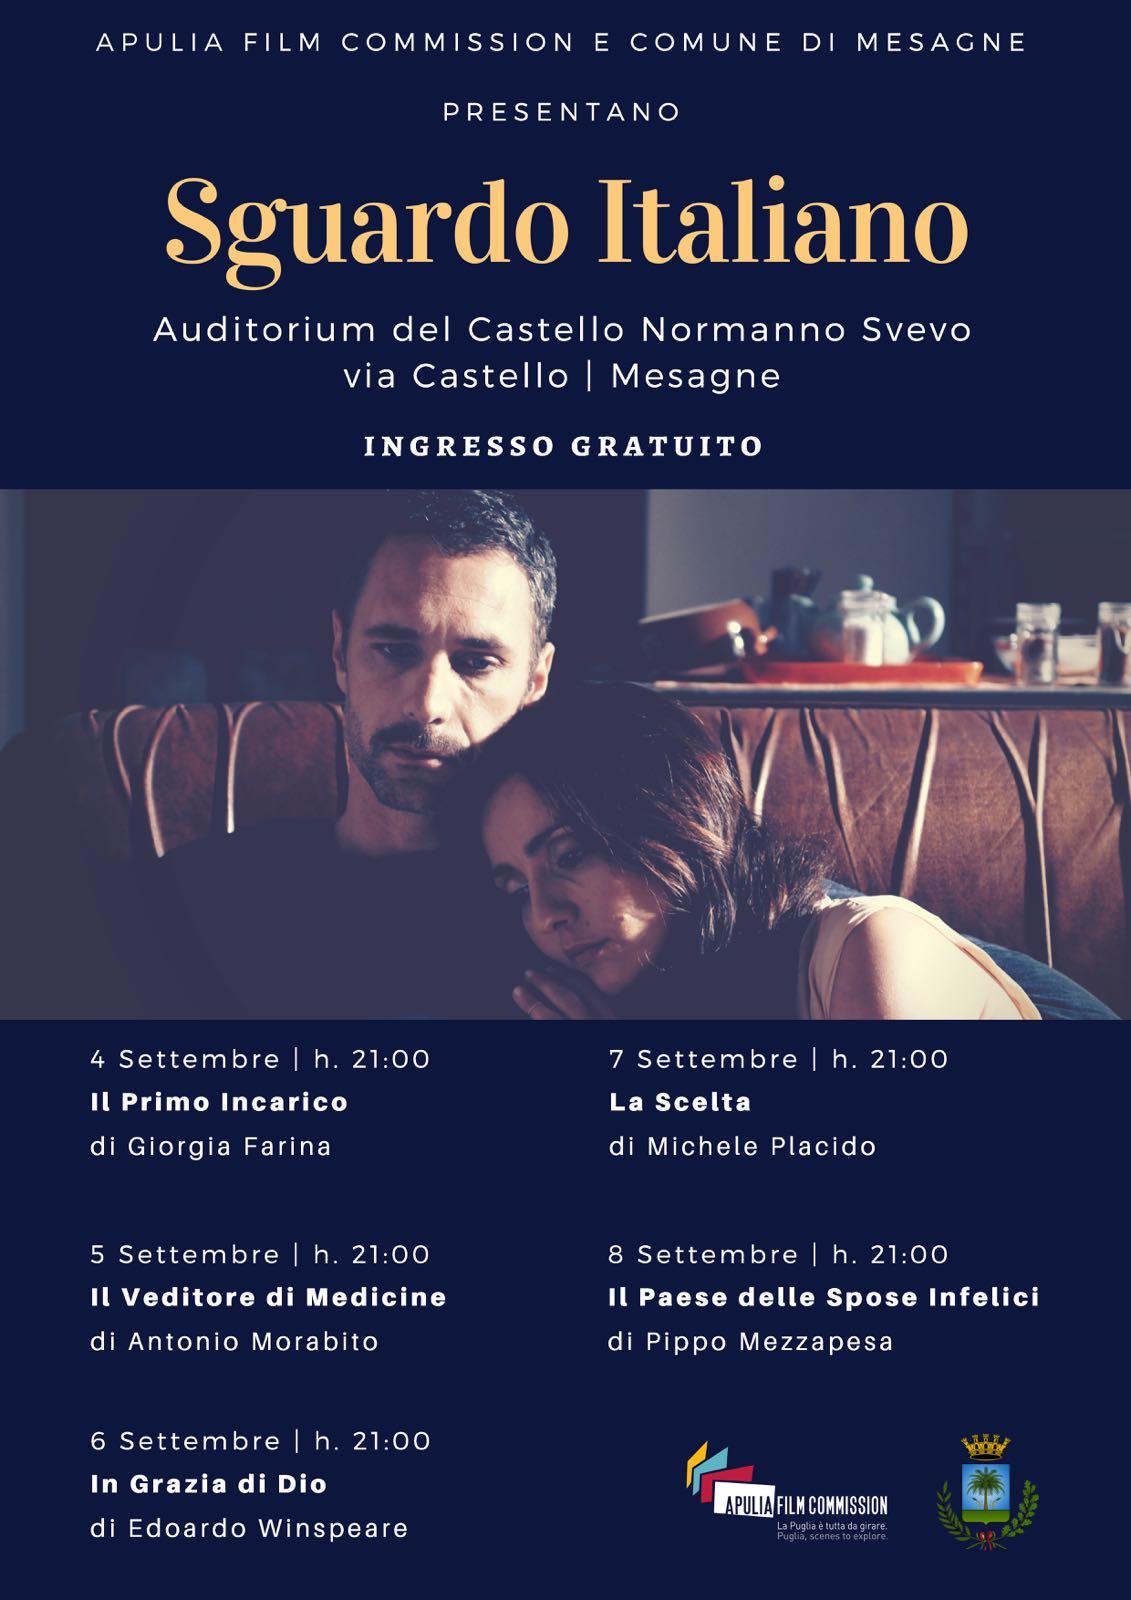 """""""SGUARDO ITALIANO"""", AL CASTELLO CINQUE PROIEZIONI D'AUTORE  CON APULIA FILM COMMISSION"""